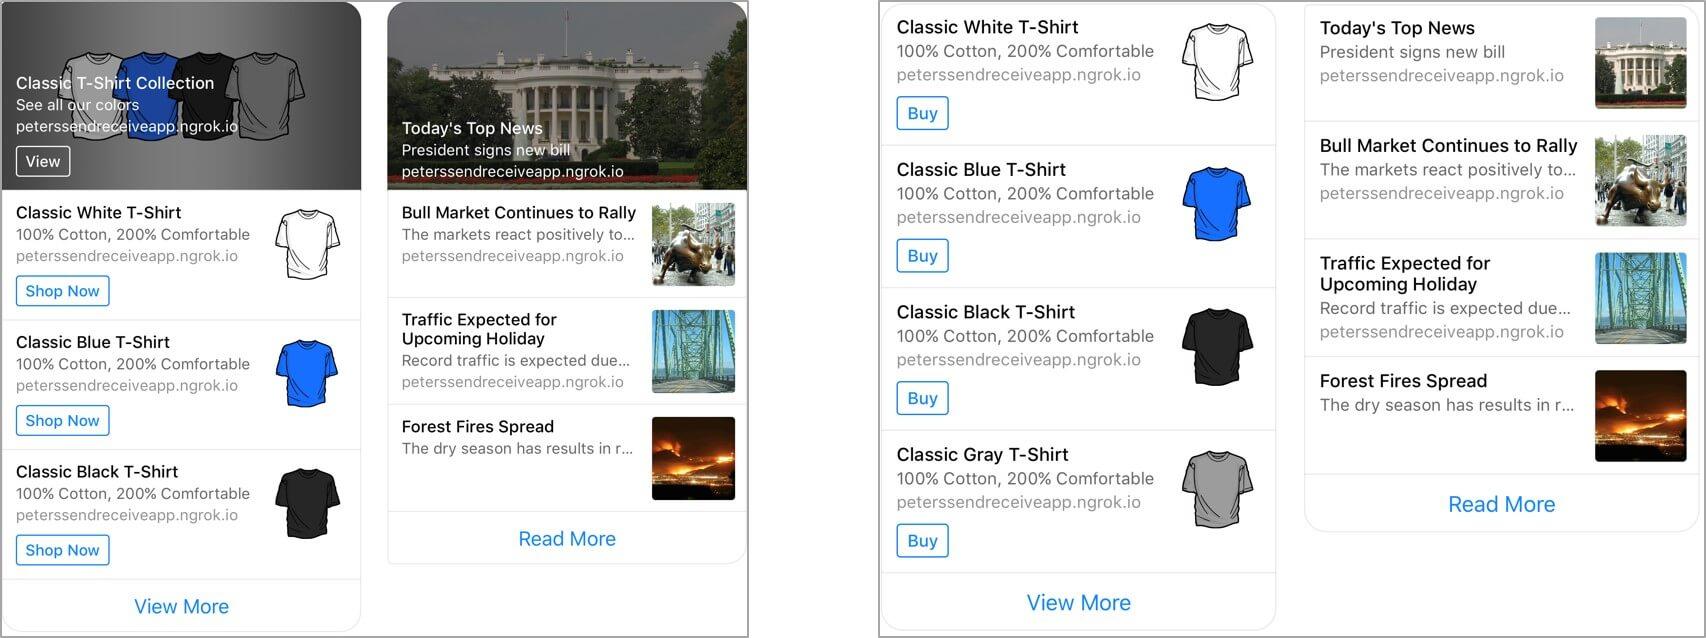 nowy szablon reklam w Messengerze Facebooka_zmiany w social mediach_nowosci w mediach spolecznosciowych_napoleonCat blog